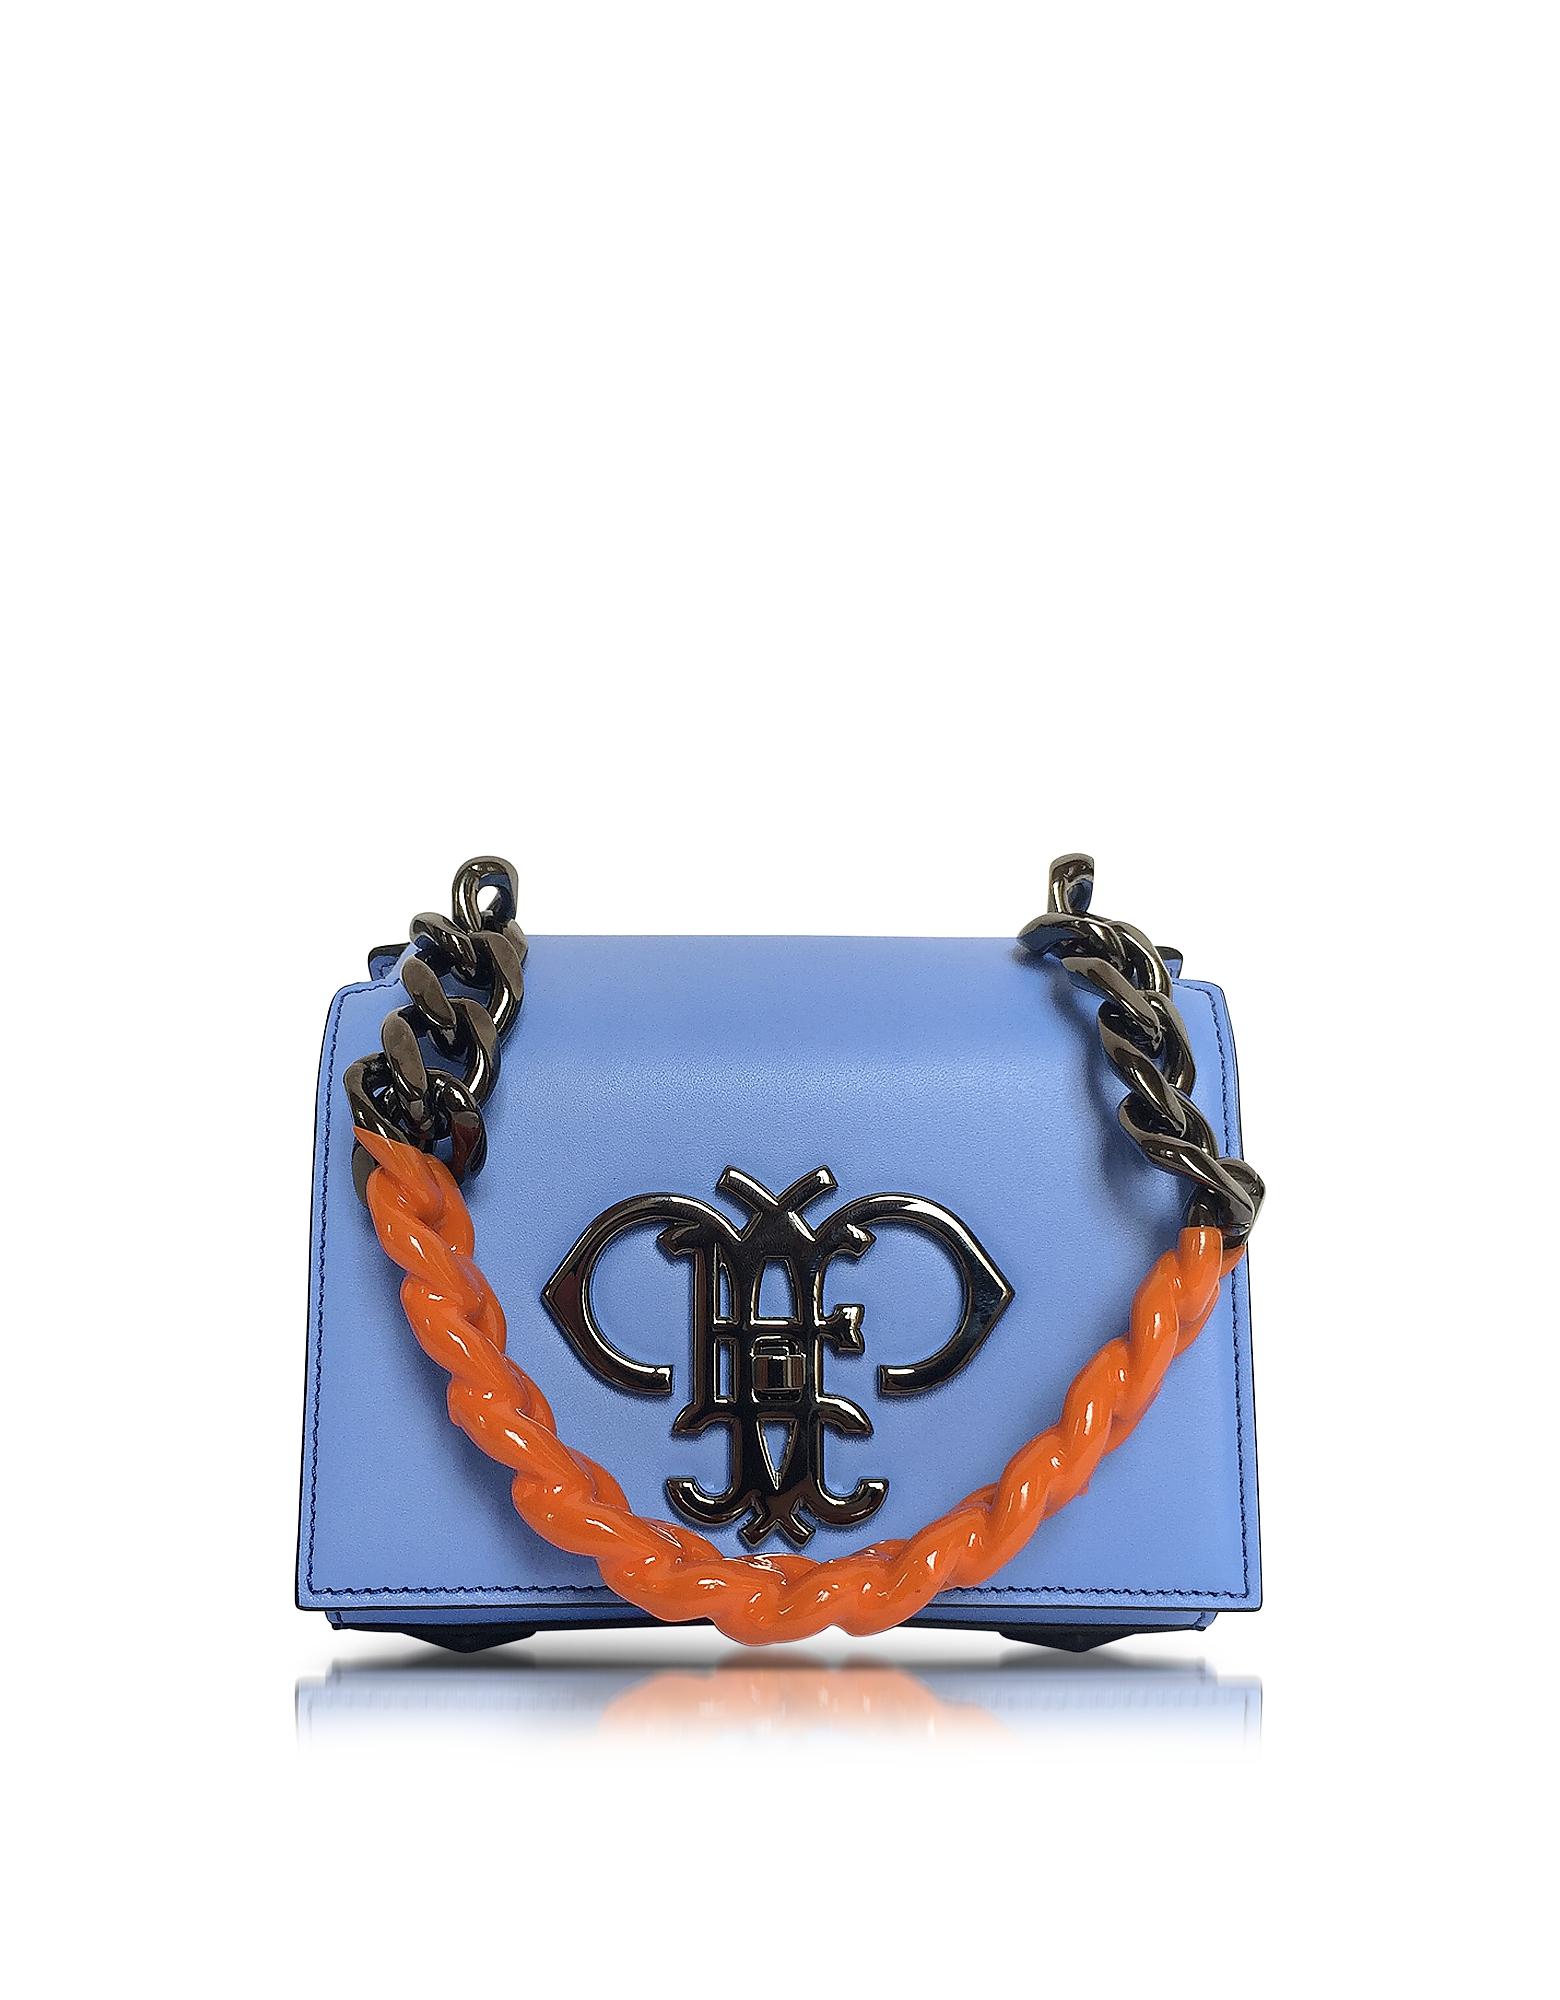 Emilio Pucci Светло-синяя Кожаная Сумка на Плечо с Разноцветной Цепочкой на Плечо